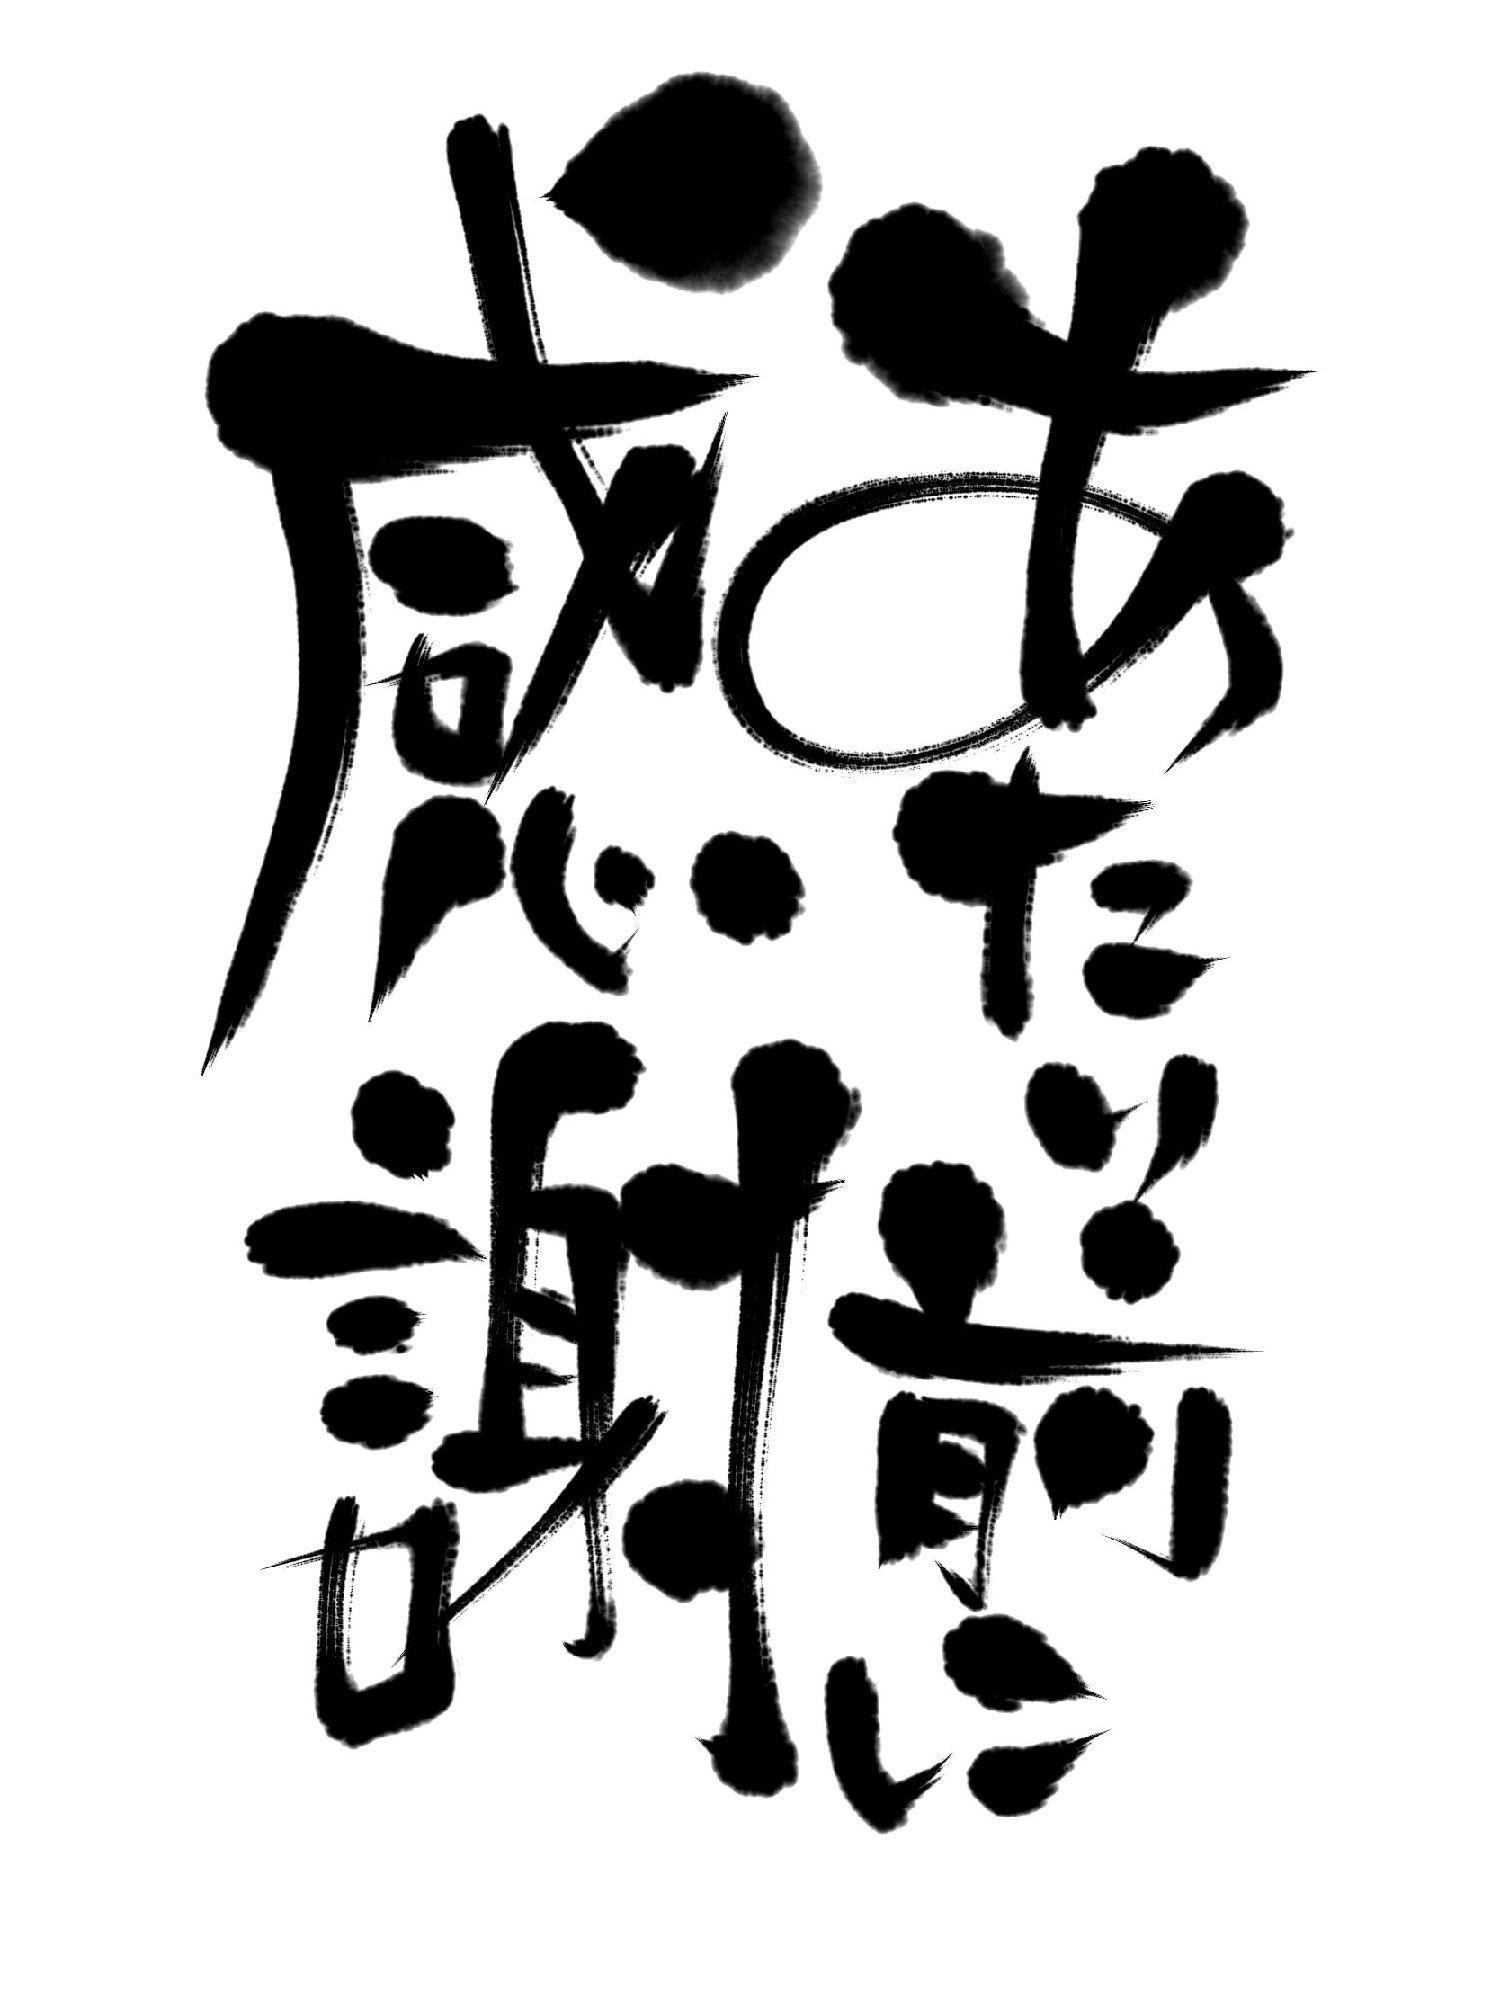 当たり前に出来る事の幸せ :ファイナンシャルプランナー 平原憲治 [マイベストプロ神奈川]